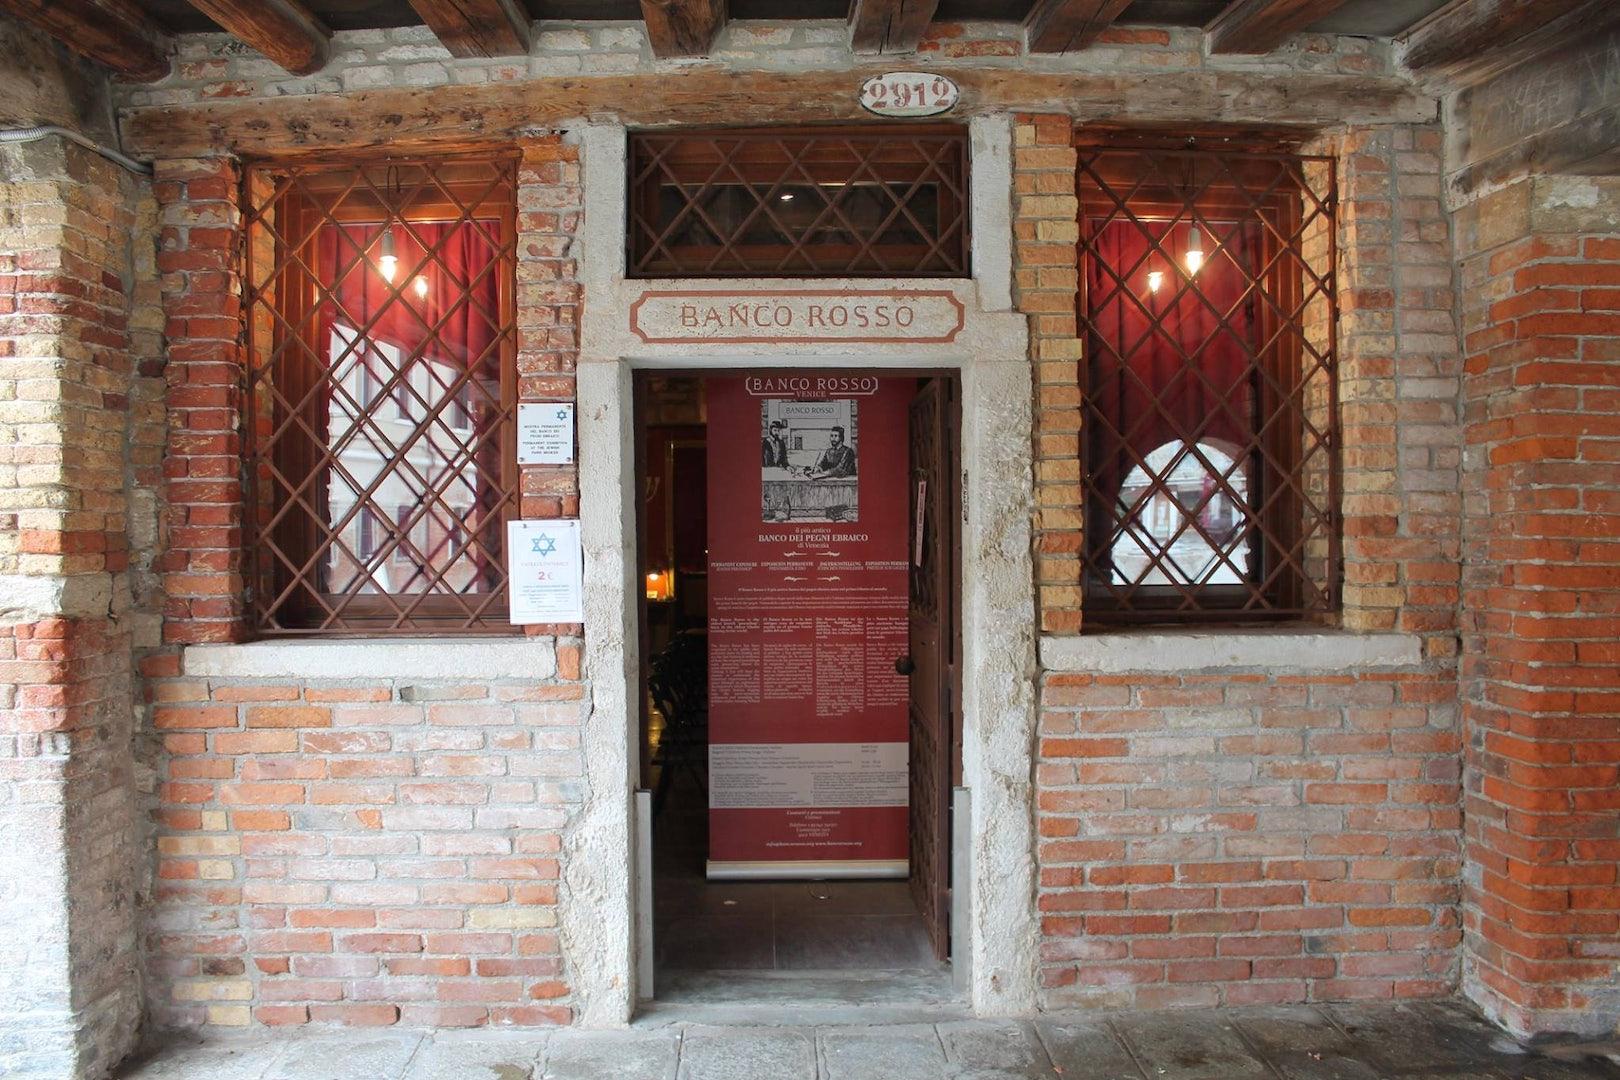 Il Banco Rosso in Venice